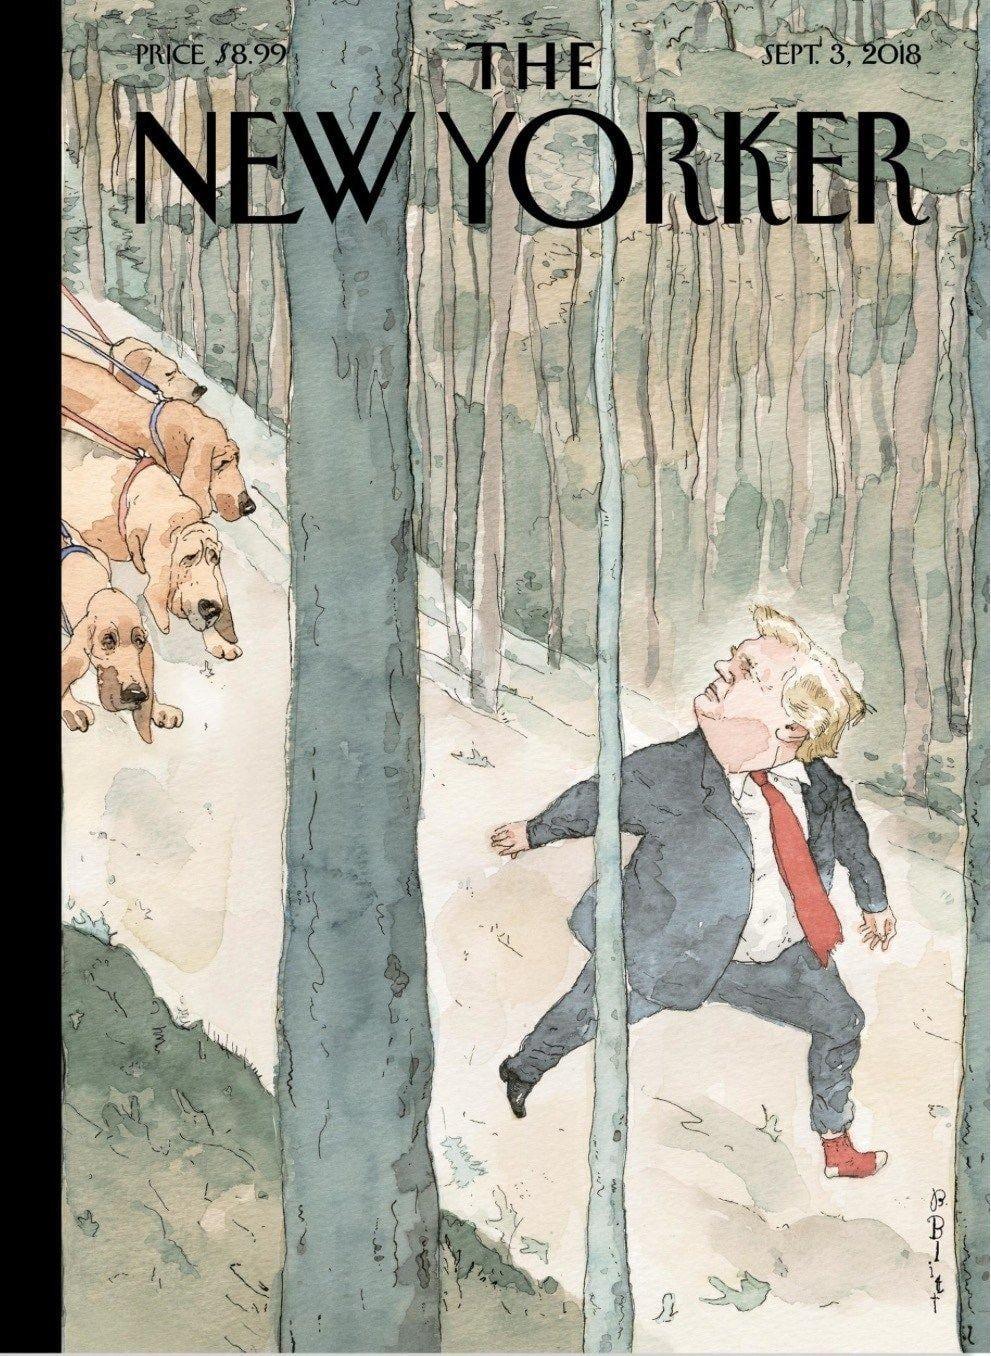 New Yorker cover September 3 2018